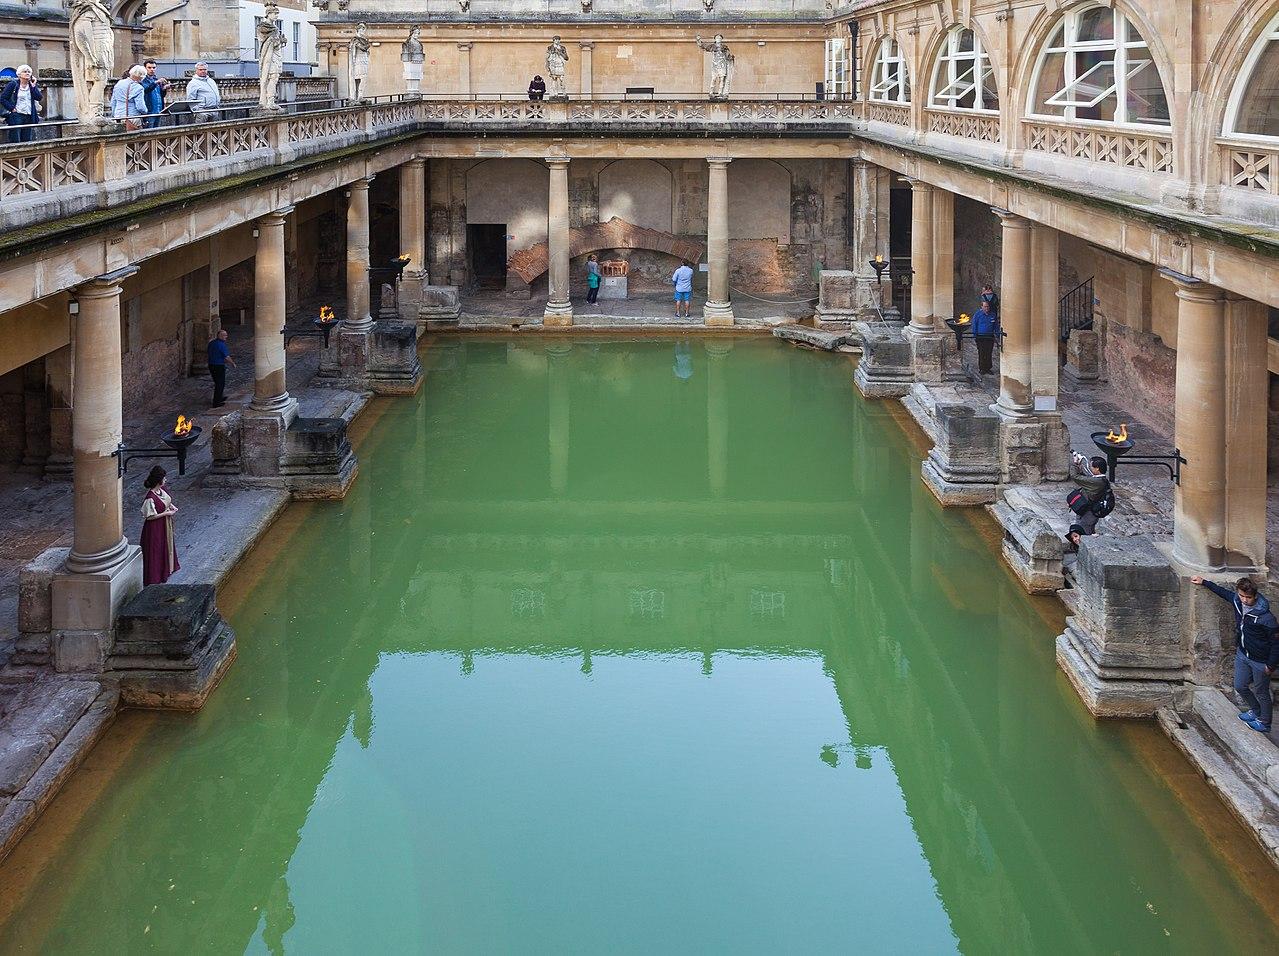 Baños Romanos De Bath:Fichier d'origine  (4 558 × 3 406 pixels, taille du fichier : 8,21